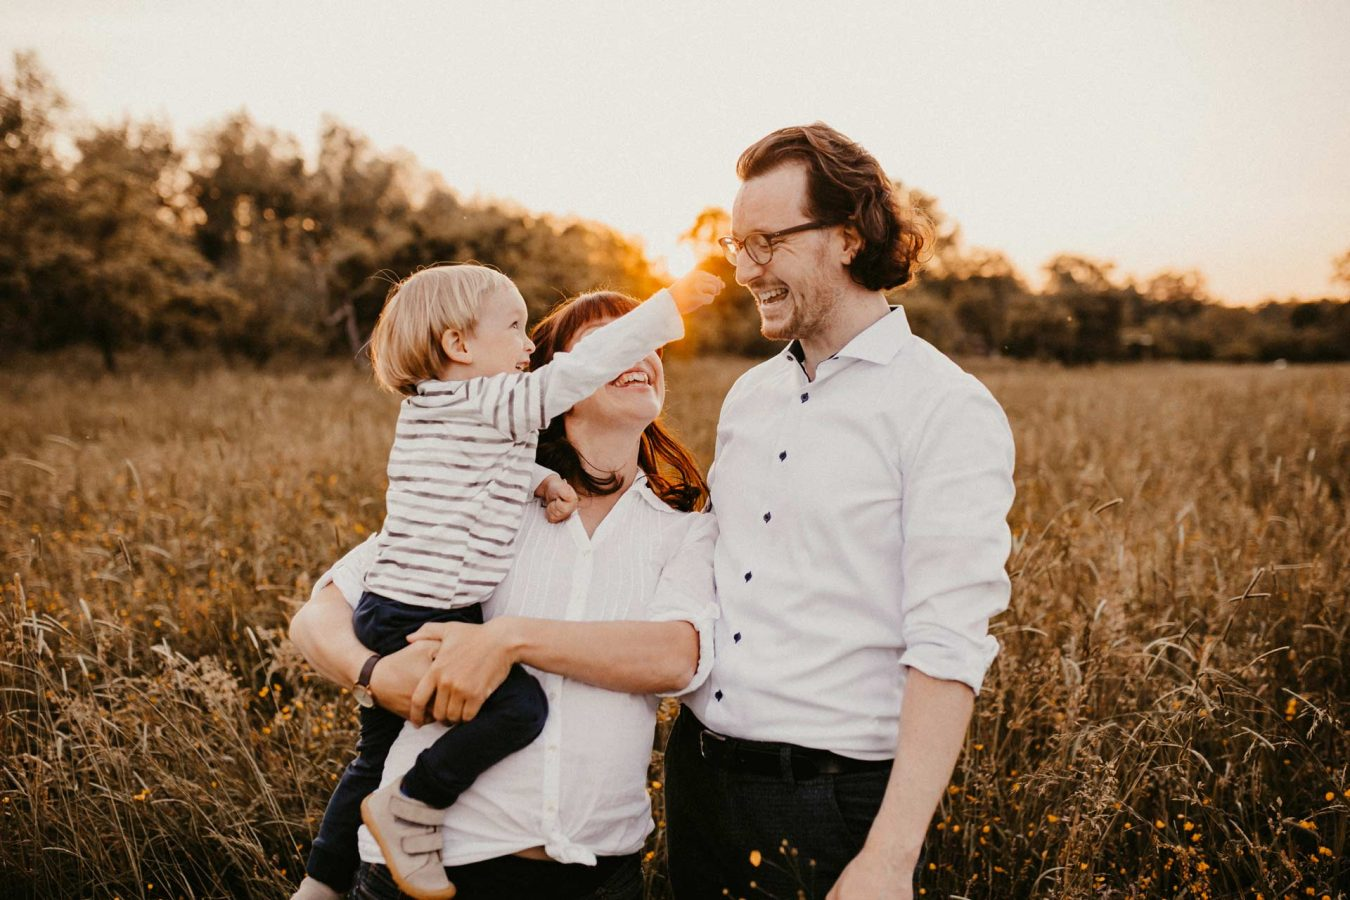 Familienfotografie Familienfotograf Freiburg Basel Lörrach Offenburg Emmendingen natürlich liebevoll outdoor Familie - Familienfotos zu Hause oder in der Natur